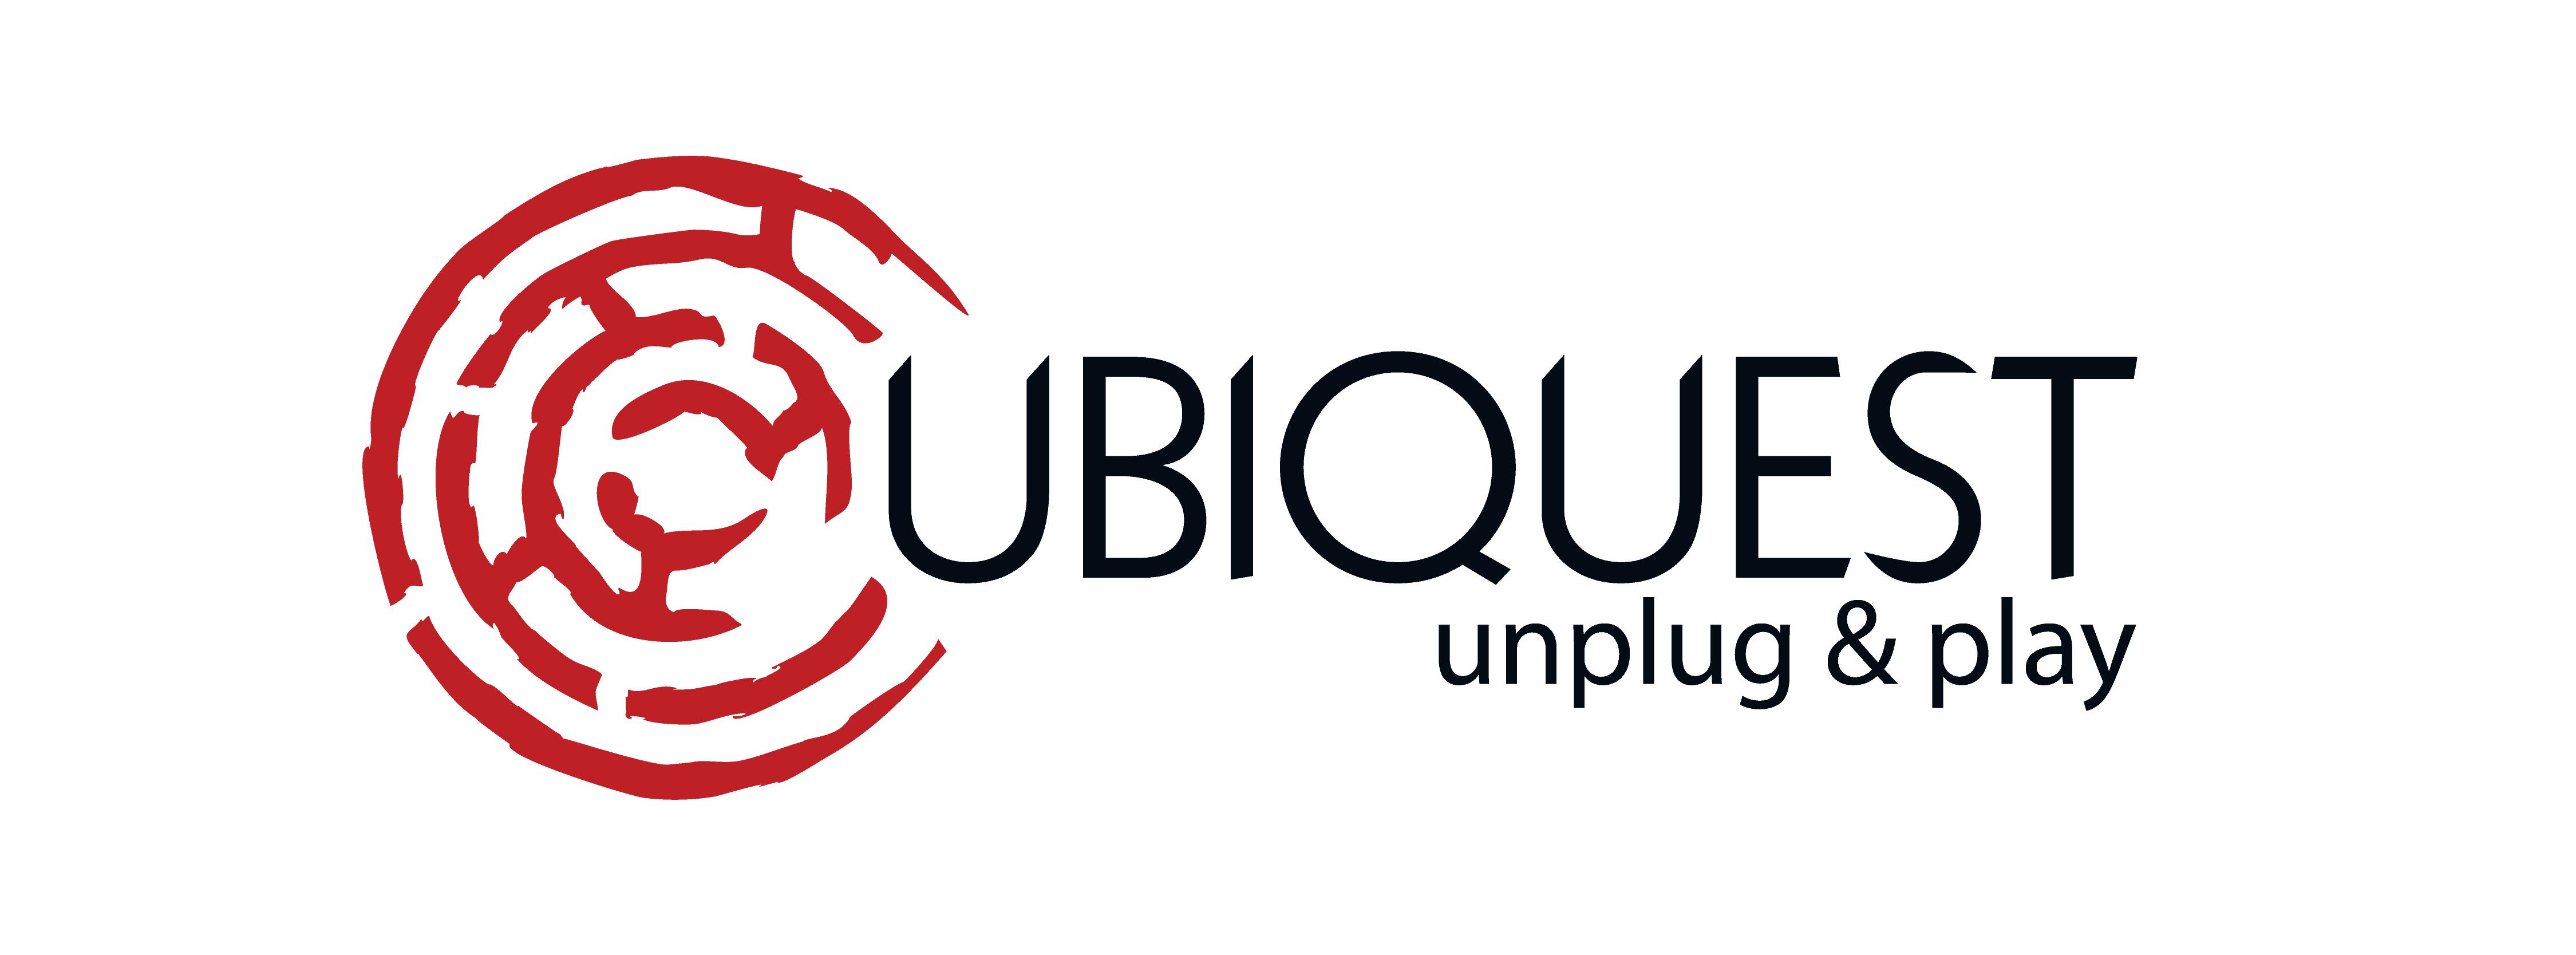 Ubiquest